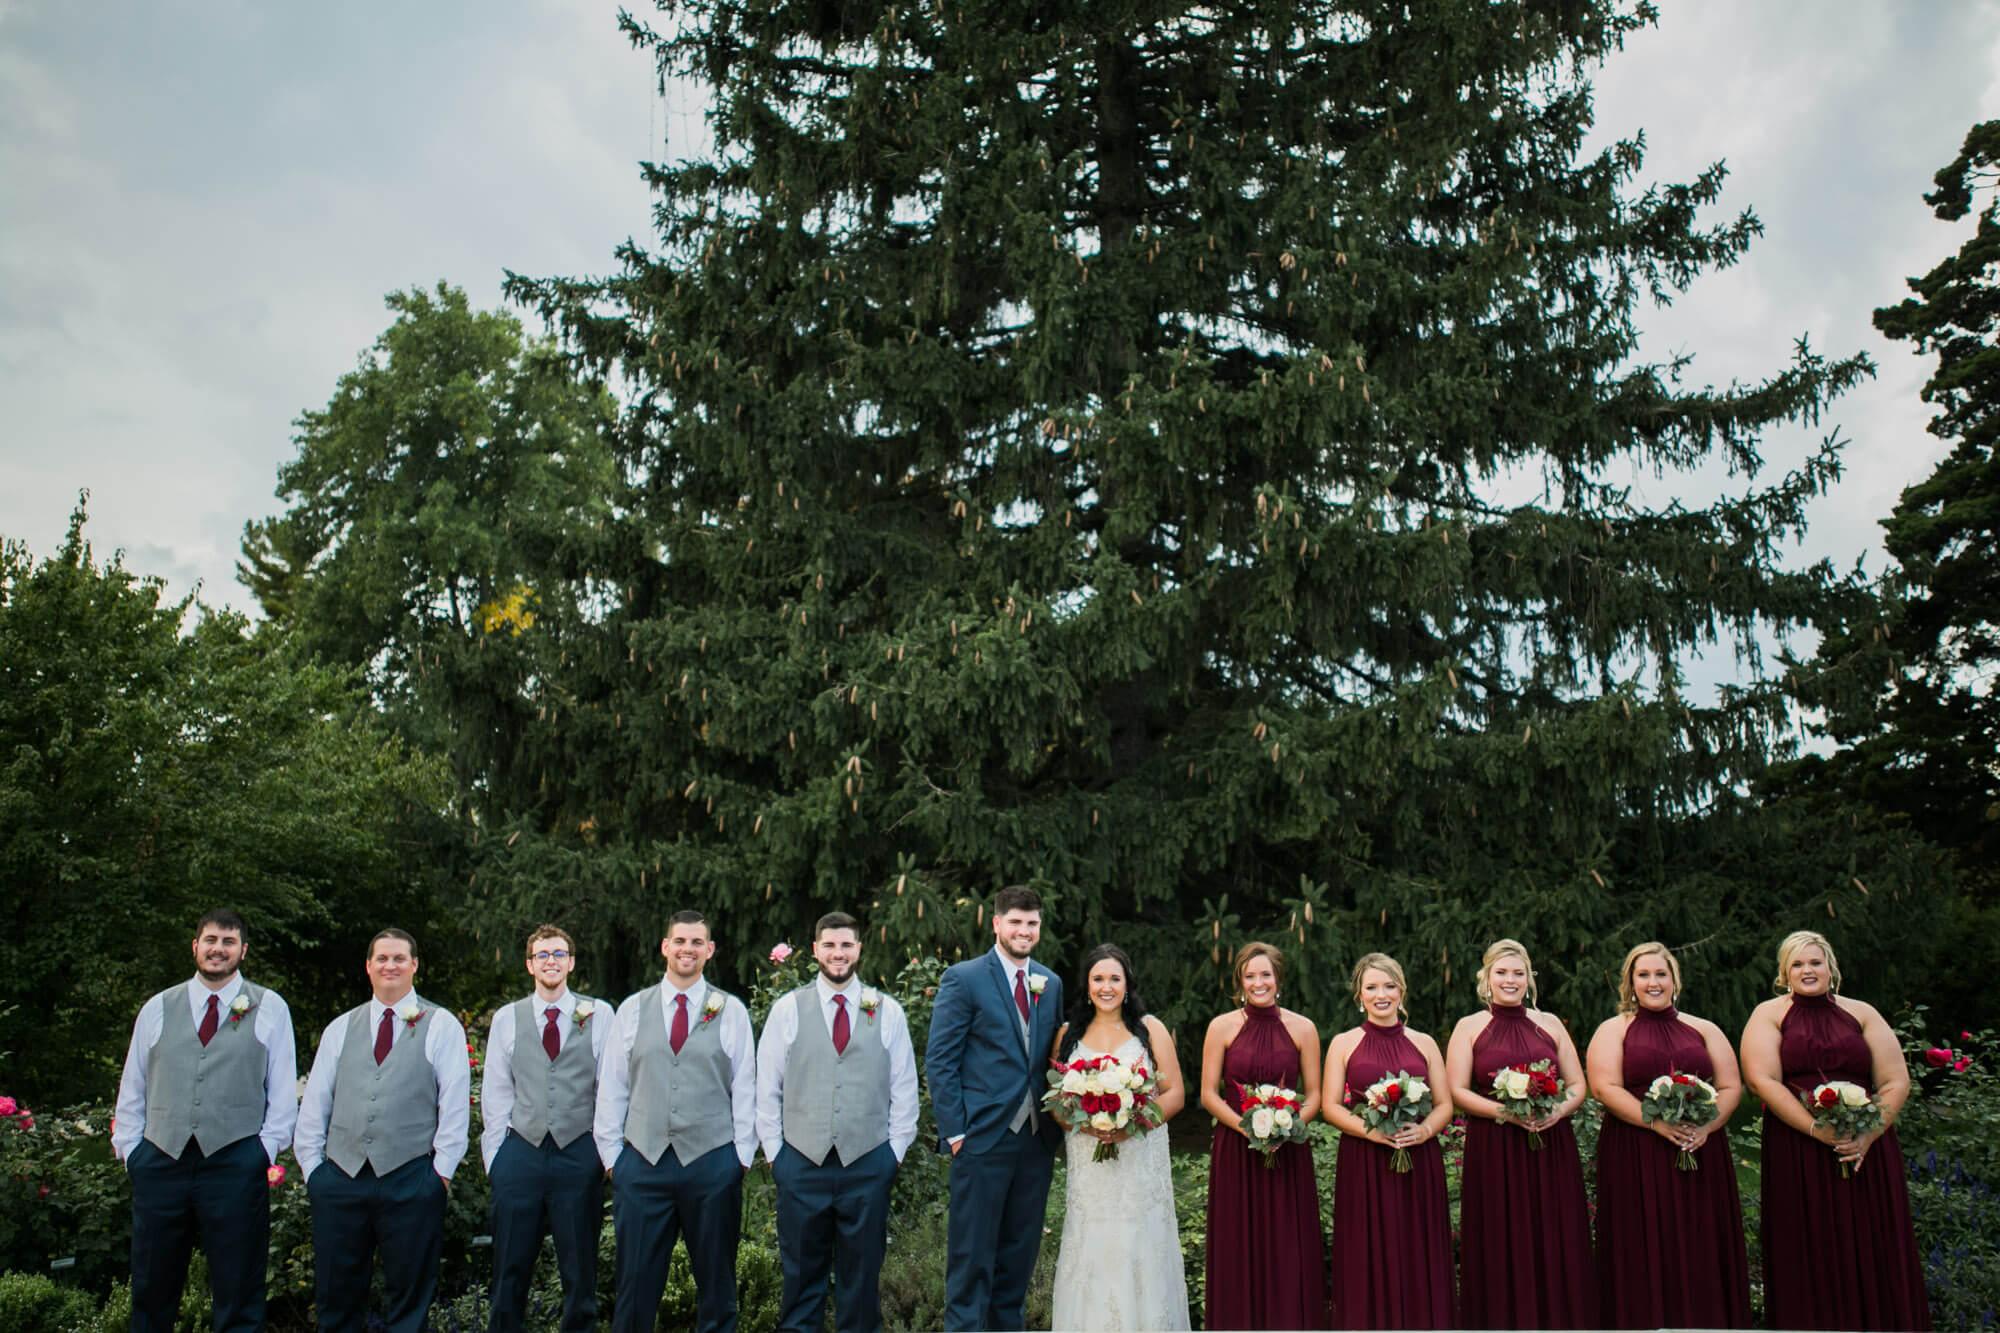 toledo-zoo-wedding-photos-31.jpg